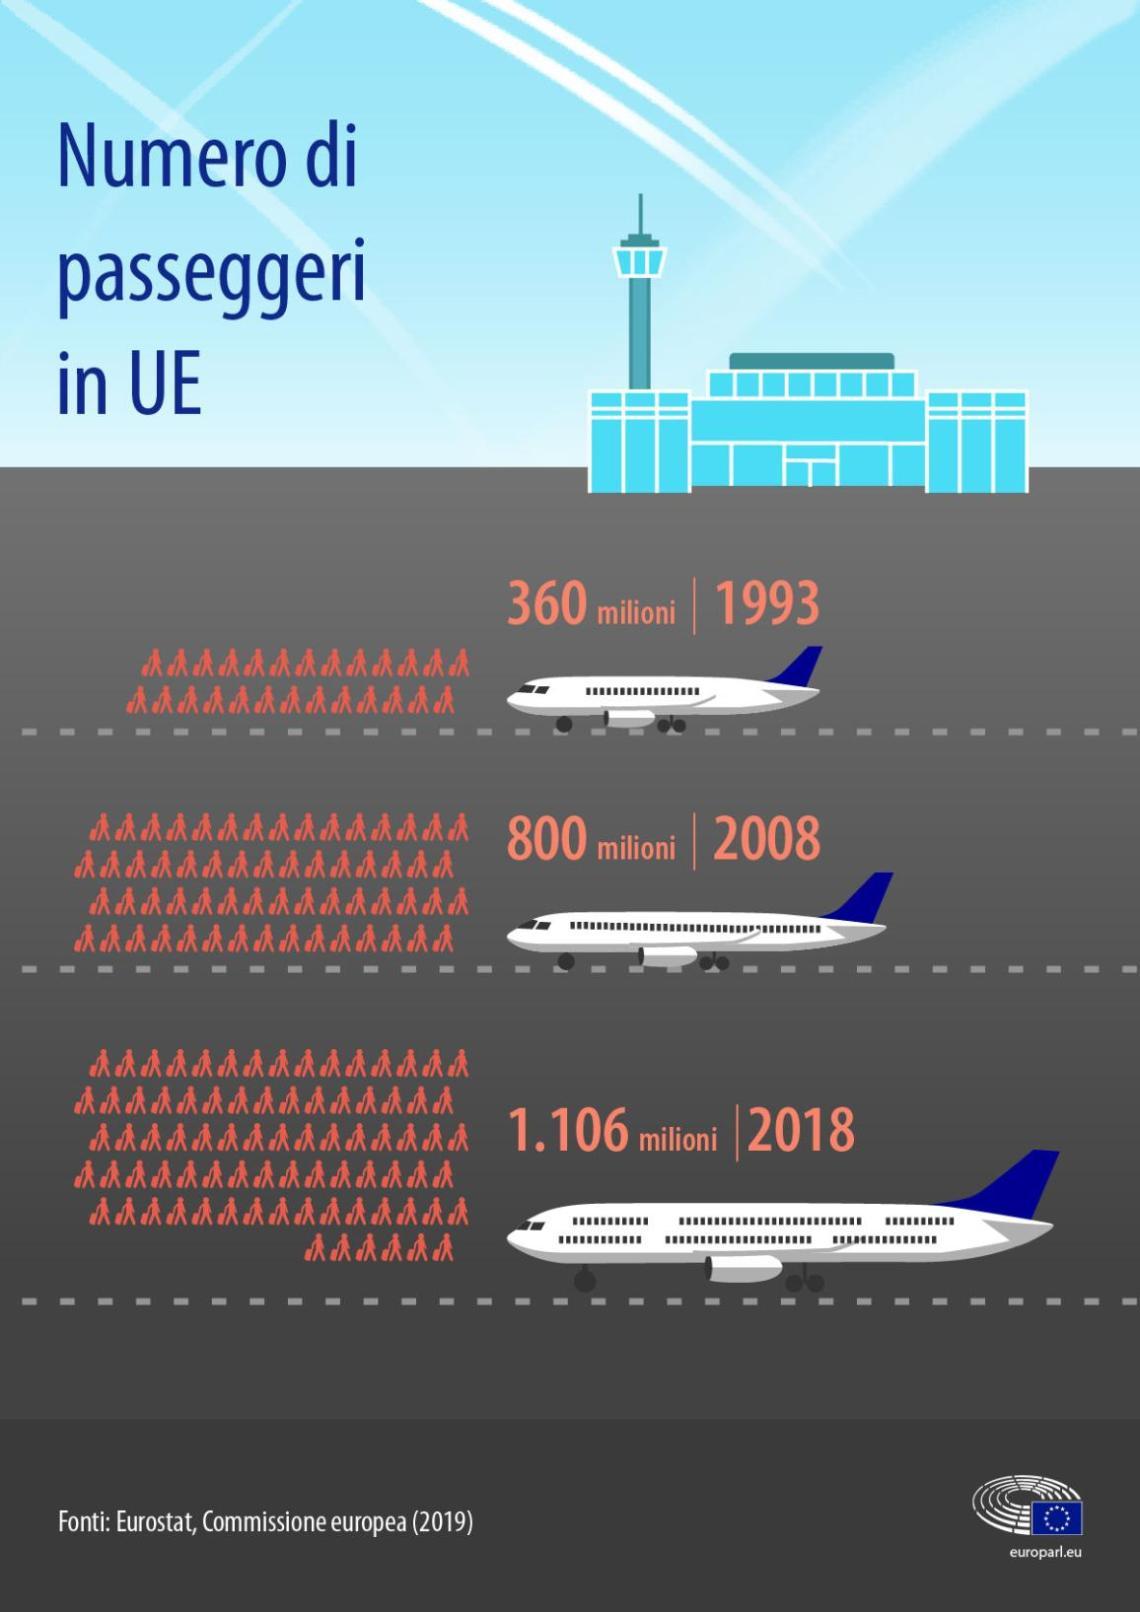 Infografica - numero di passeggeri UE dal 1993 al 2018